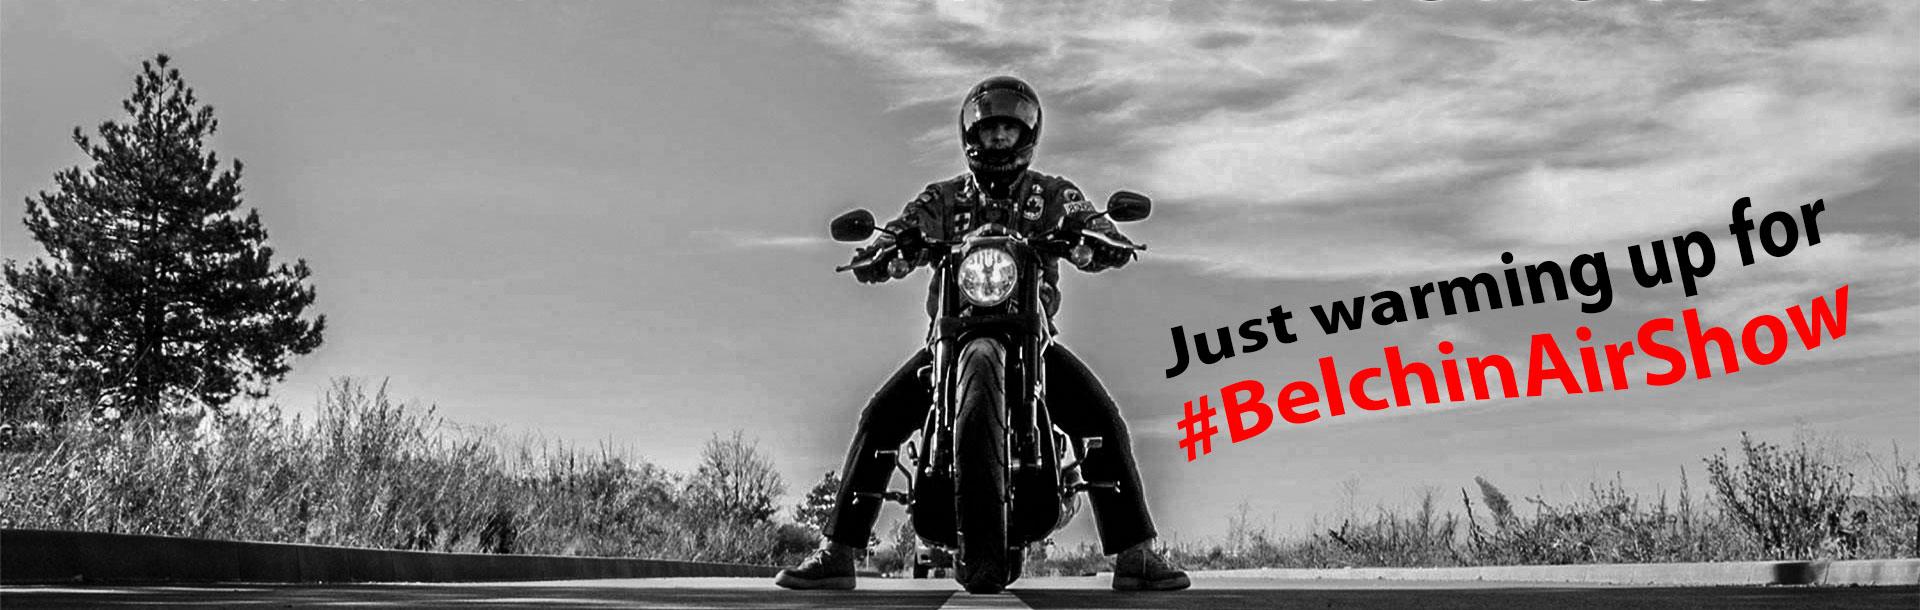 mOTO #BelchinAirShow